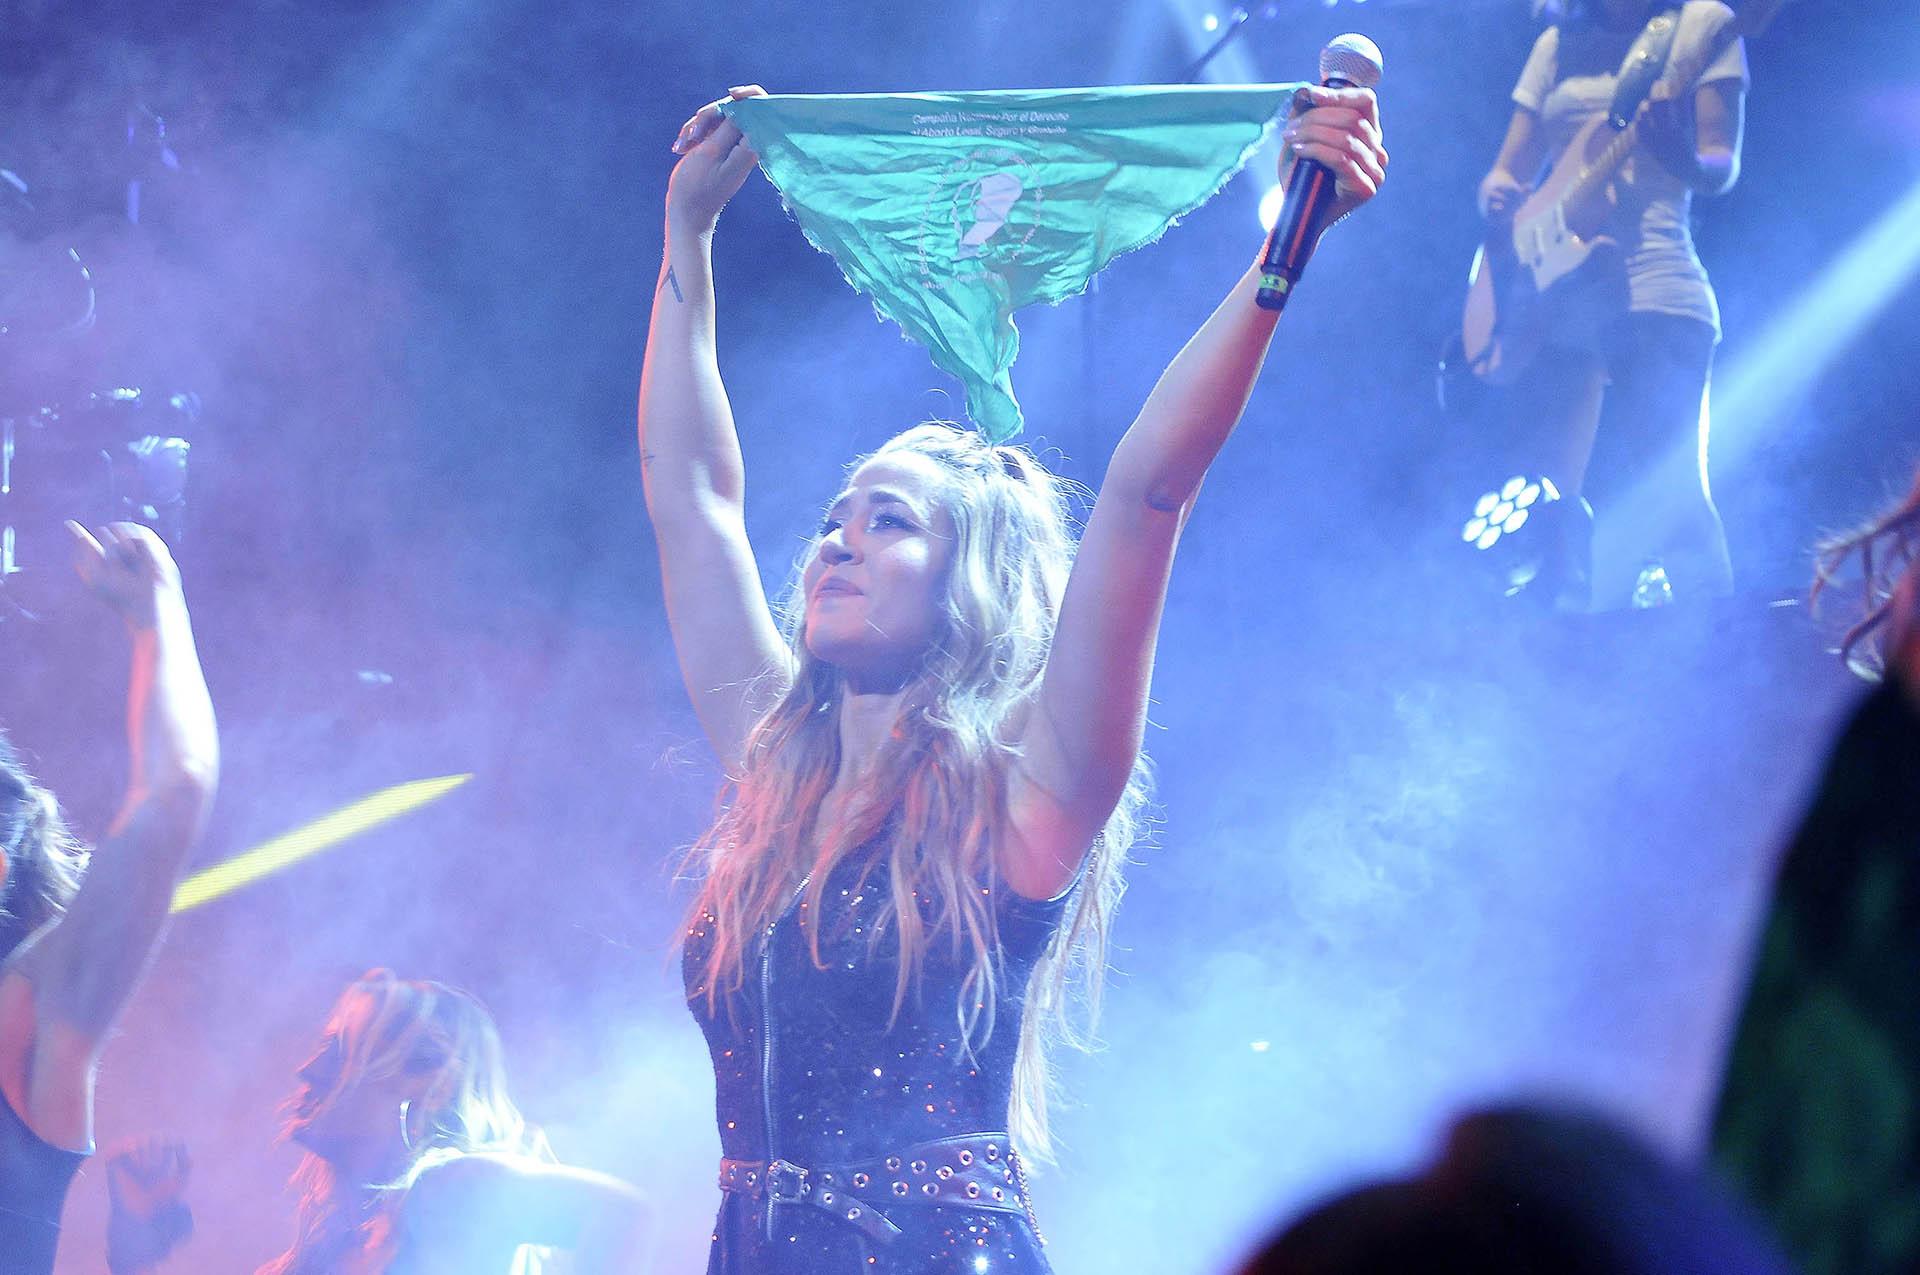 Con el pañuelo verde, en apoyo a la legalización del aborto